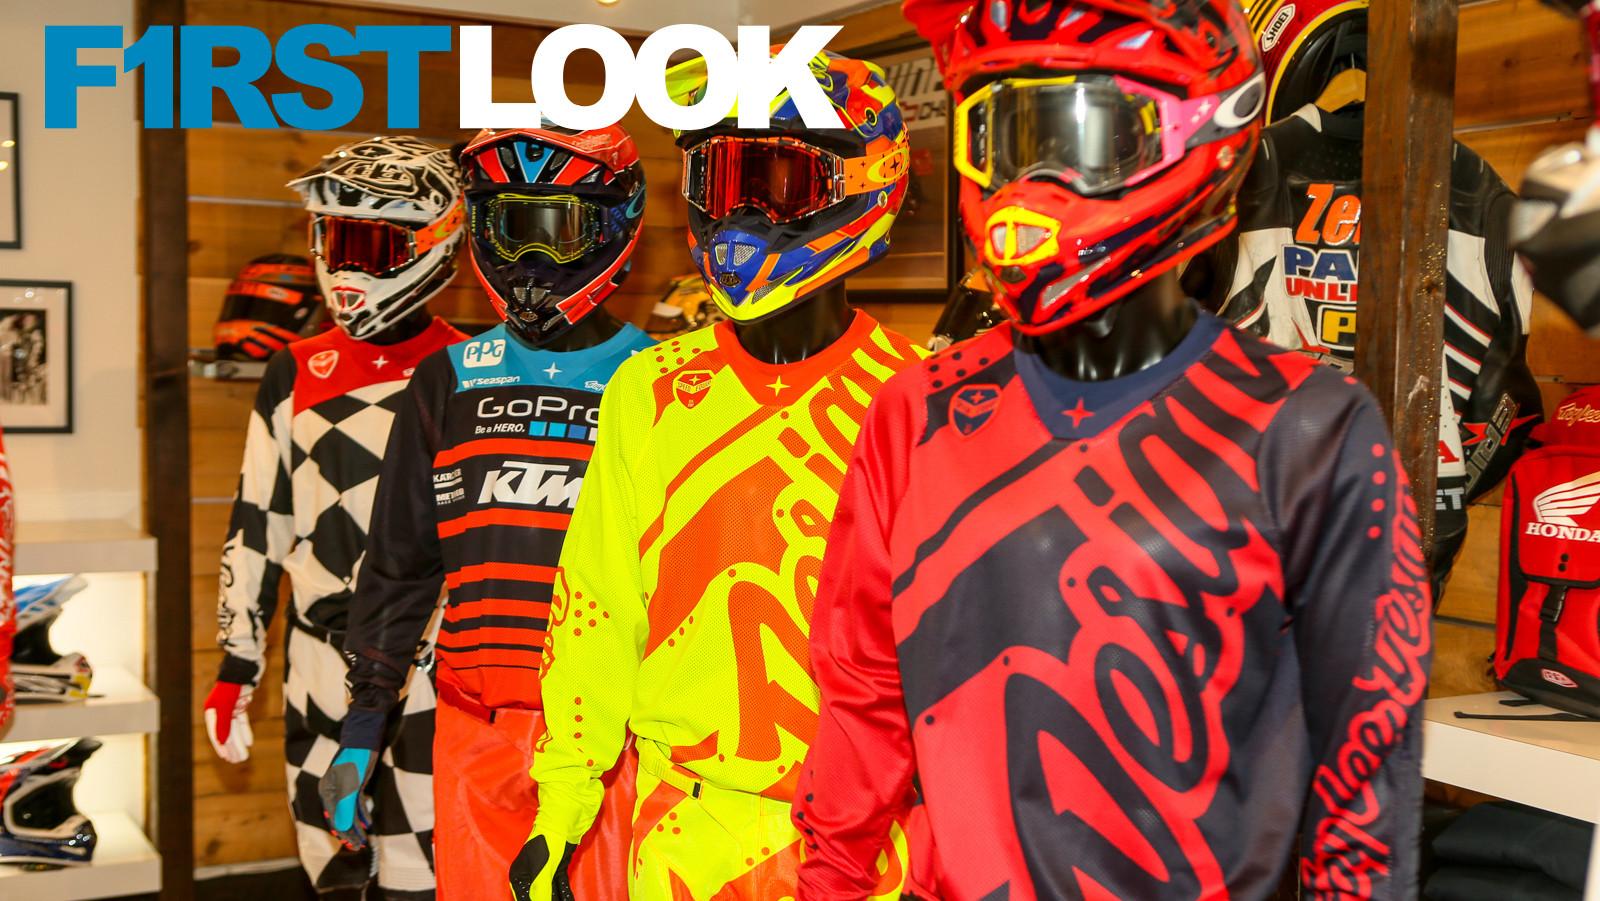 First Look: 2018 Troy Lee Designs Gear and Helmet Line